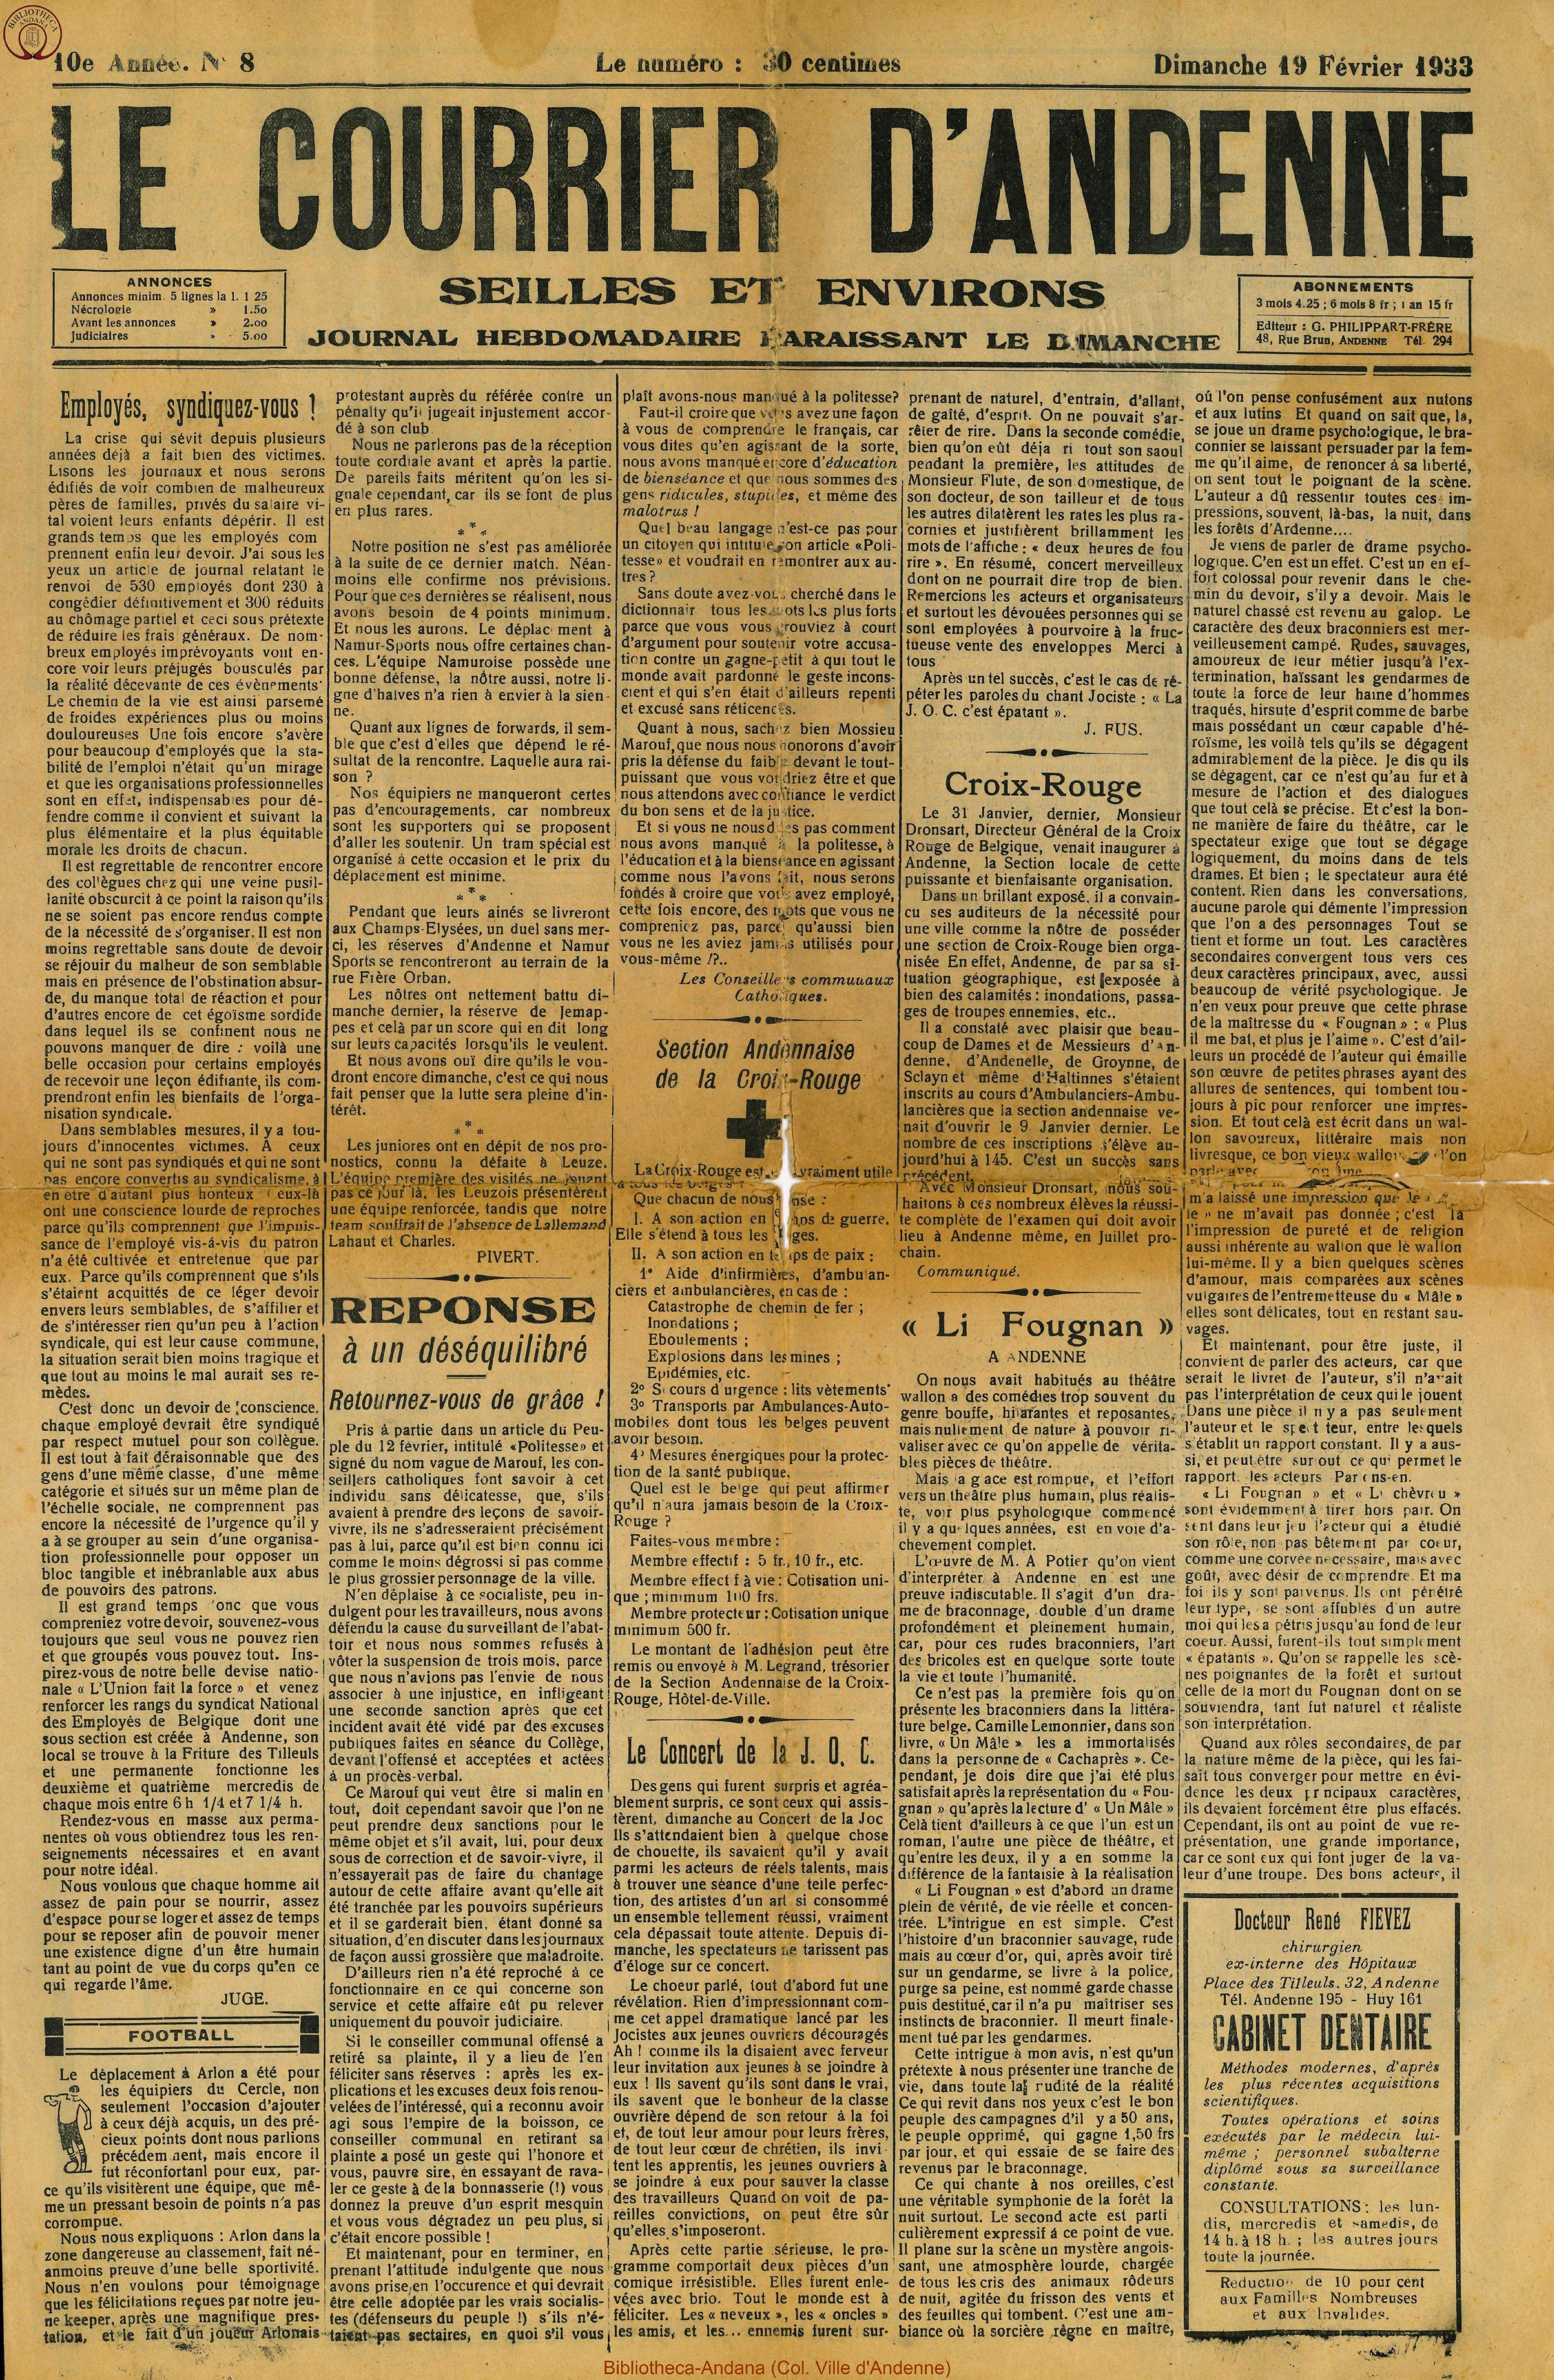 10e annee - n°8 - 19 février 1933